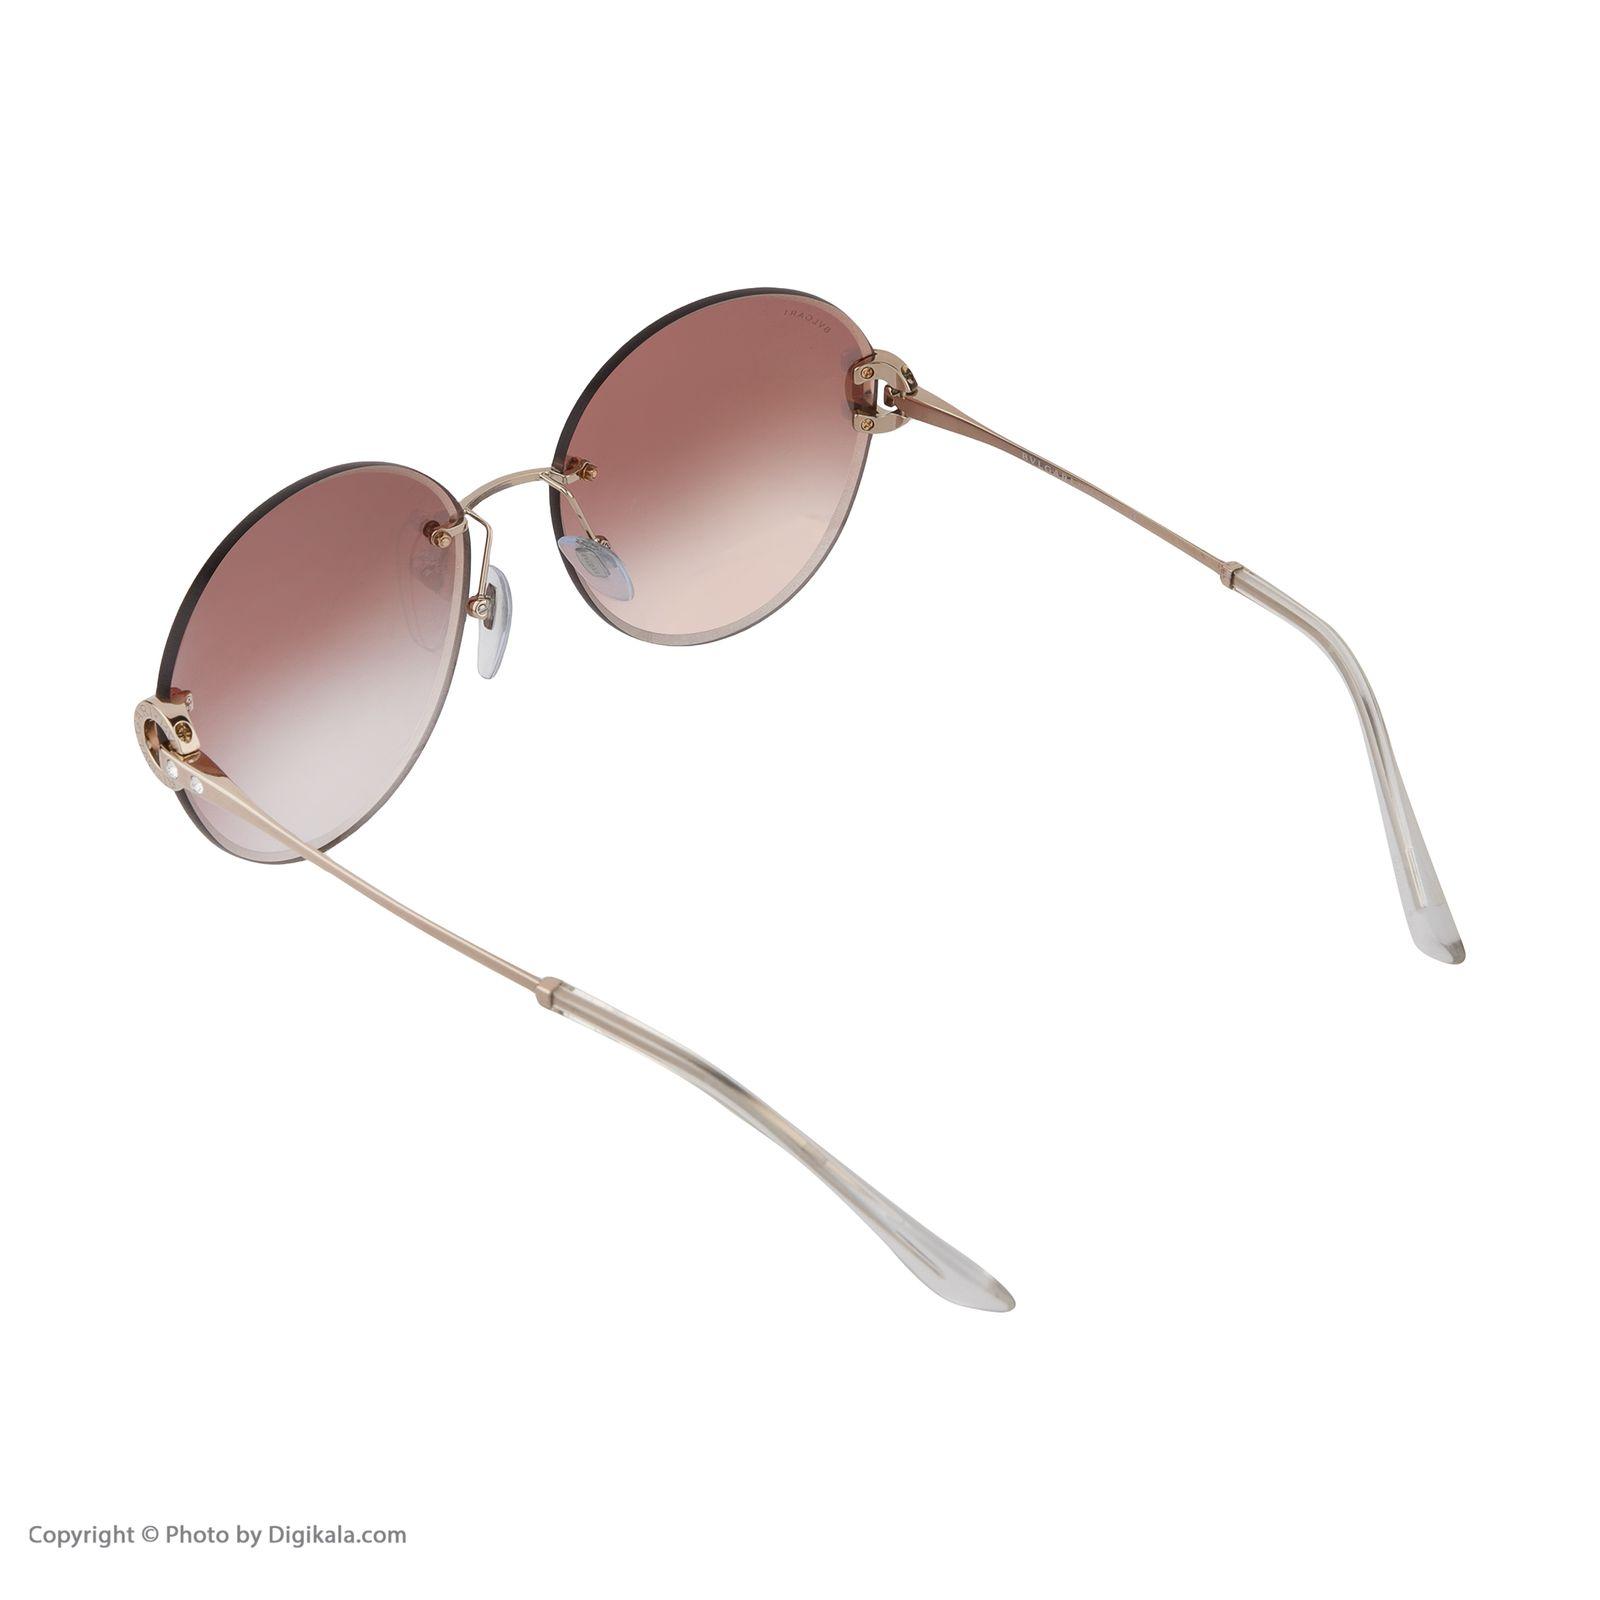 عینک آفتابی زنانه بولگاری مدل BV6091B 20146F -  - 5